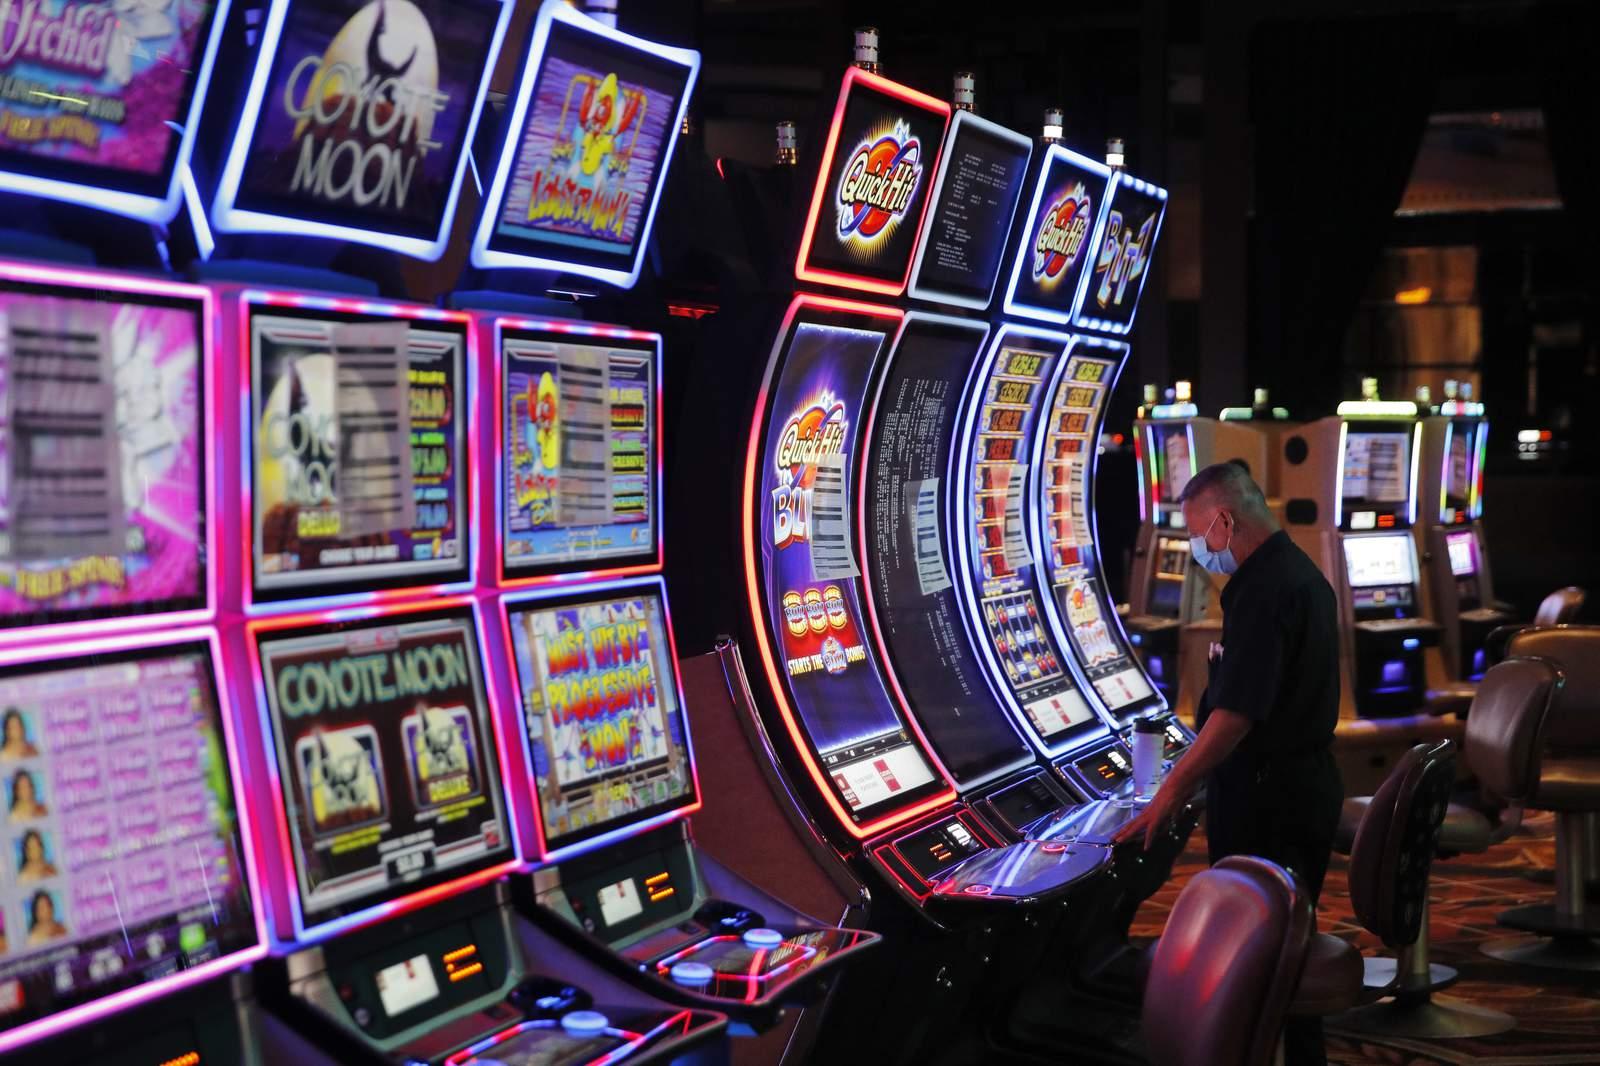 Vegas, sayang! Kasino dibuka kembali setelah penutupan coronavirus yang lama